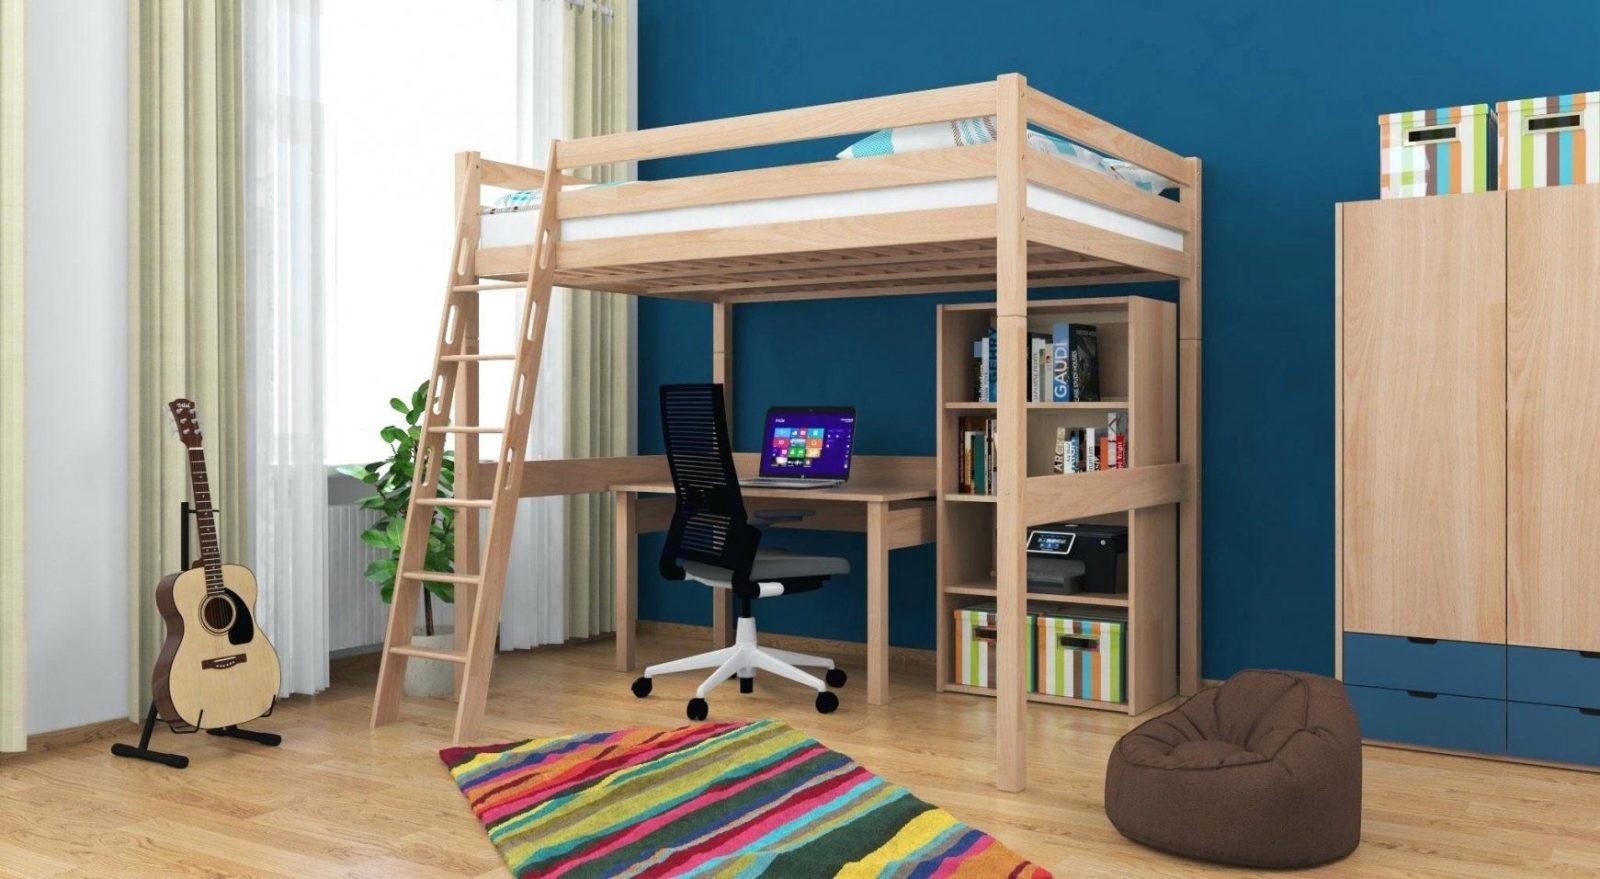 hochbett 160x200 gebraucht mit kinder ikea schreibtisch selber bauen von hochbett 160x200 selber. Black Bedroom Furniture Sets. Home Design Ideas